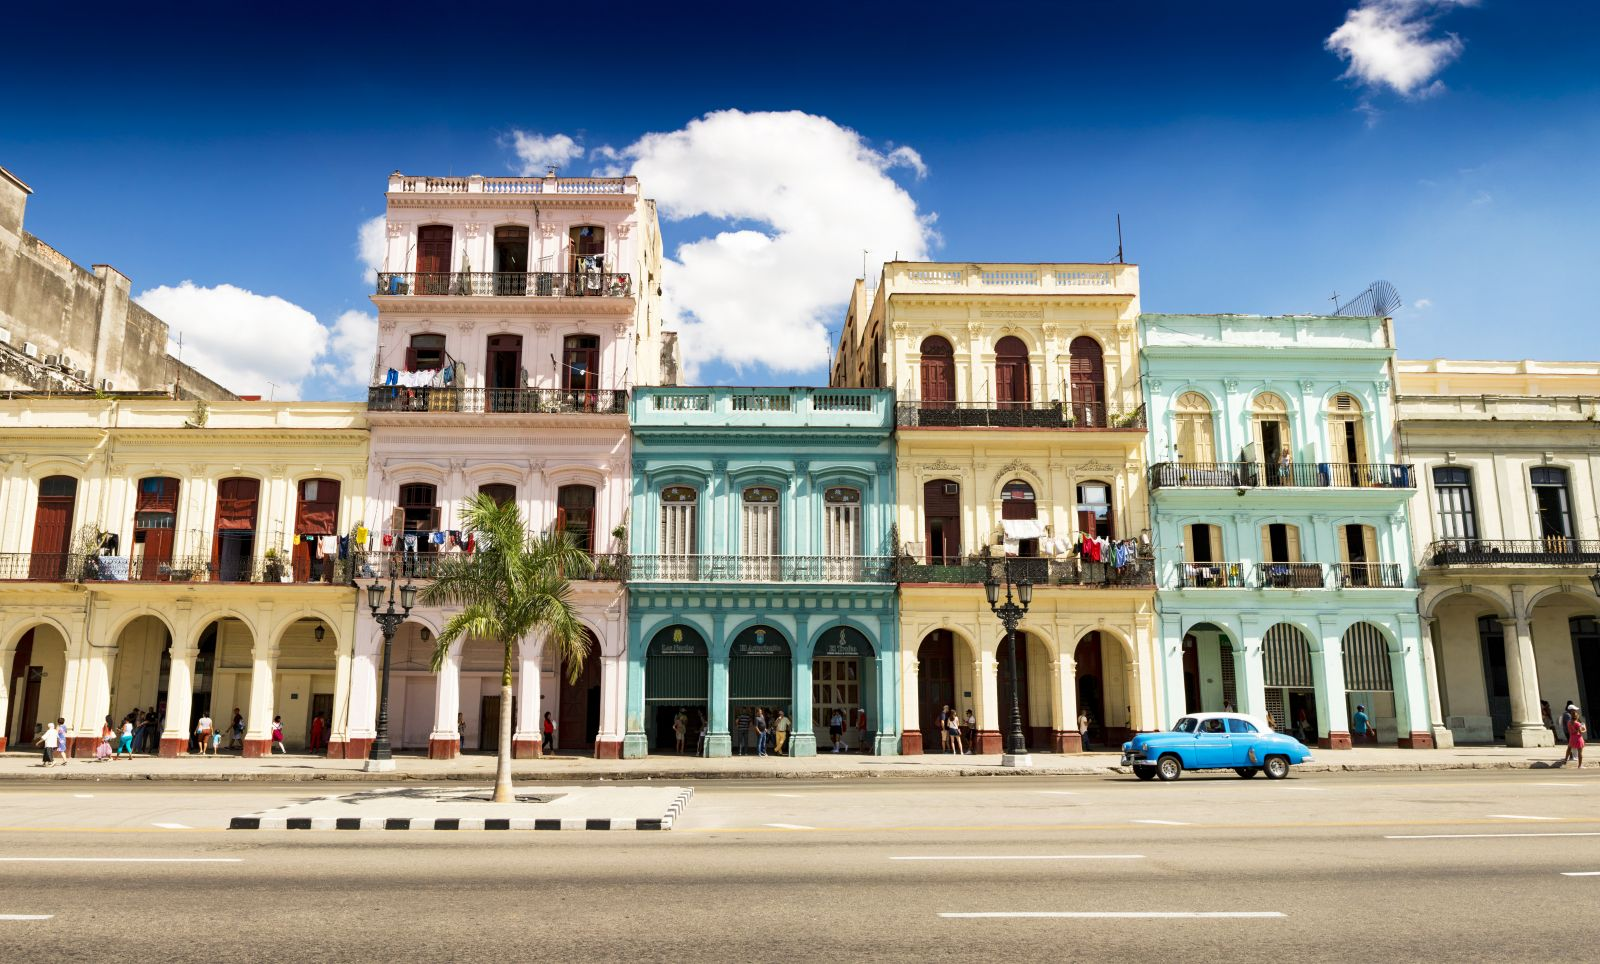 Auf der Insel sind noch viele der ehemaligen Kolonialbauten erhalten. Zusammen mit den Oldtimern fühlt man sich in eine andere Zeit versetzt. ©Haico/AdobeStock